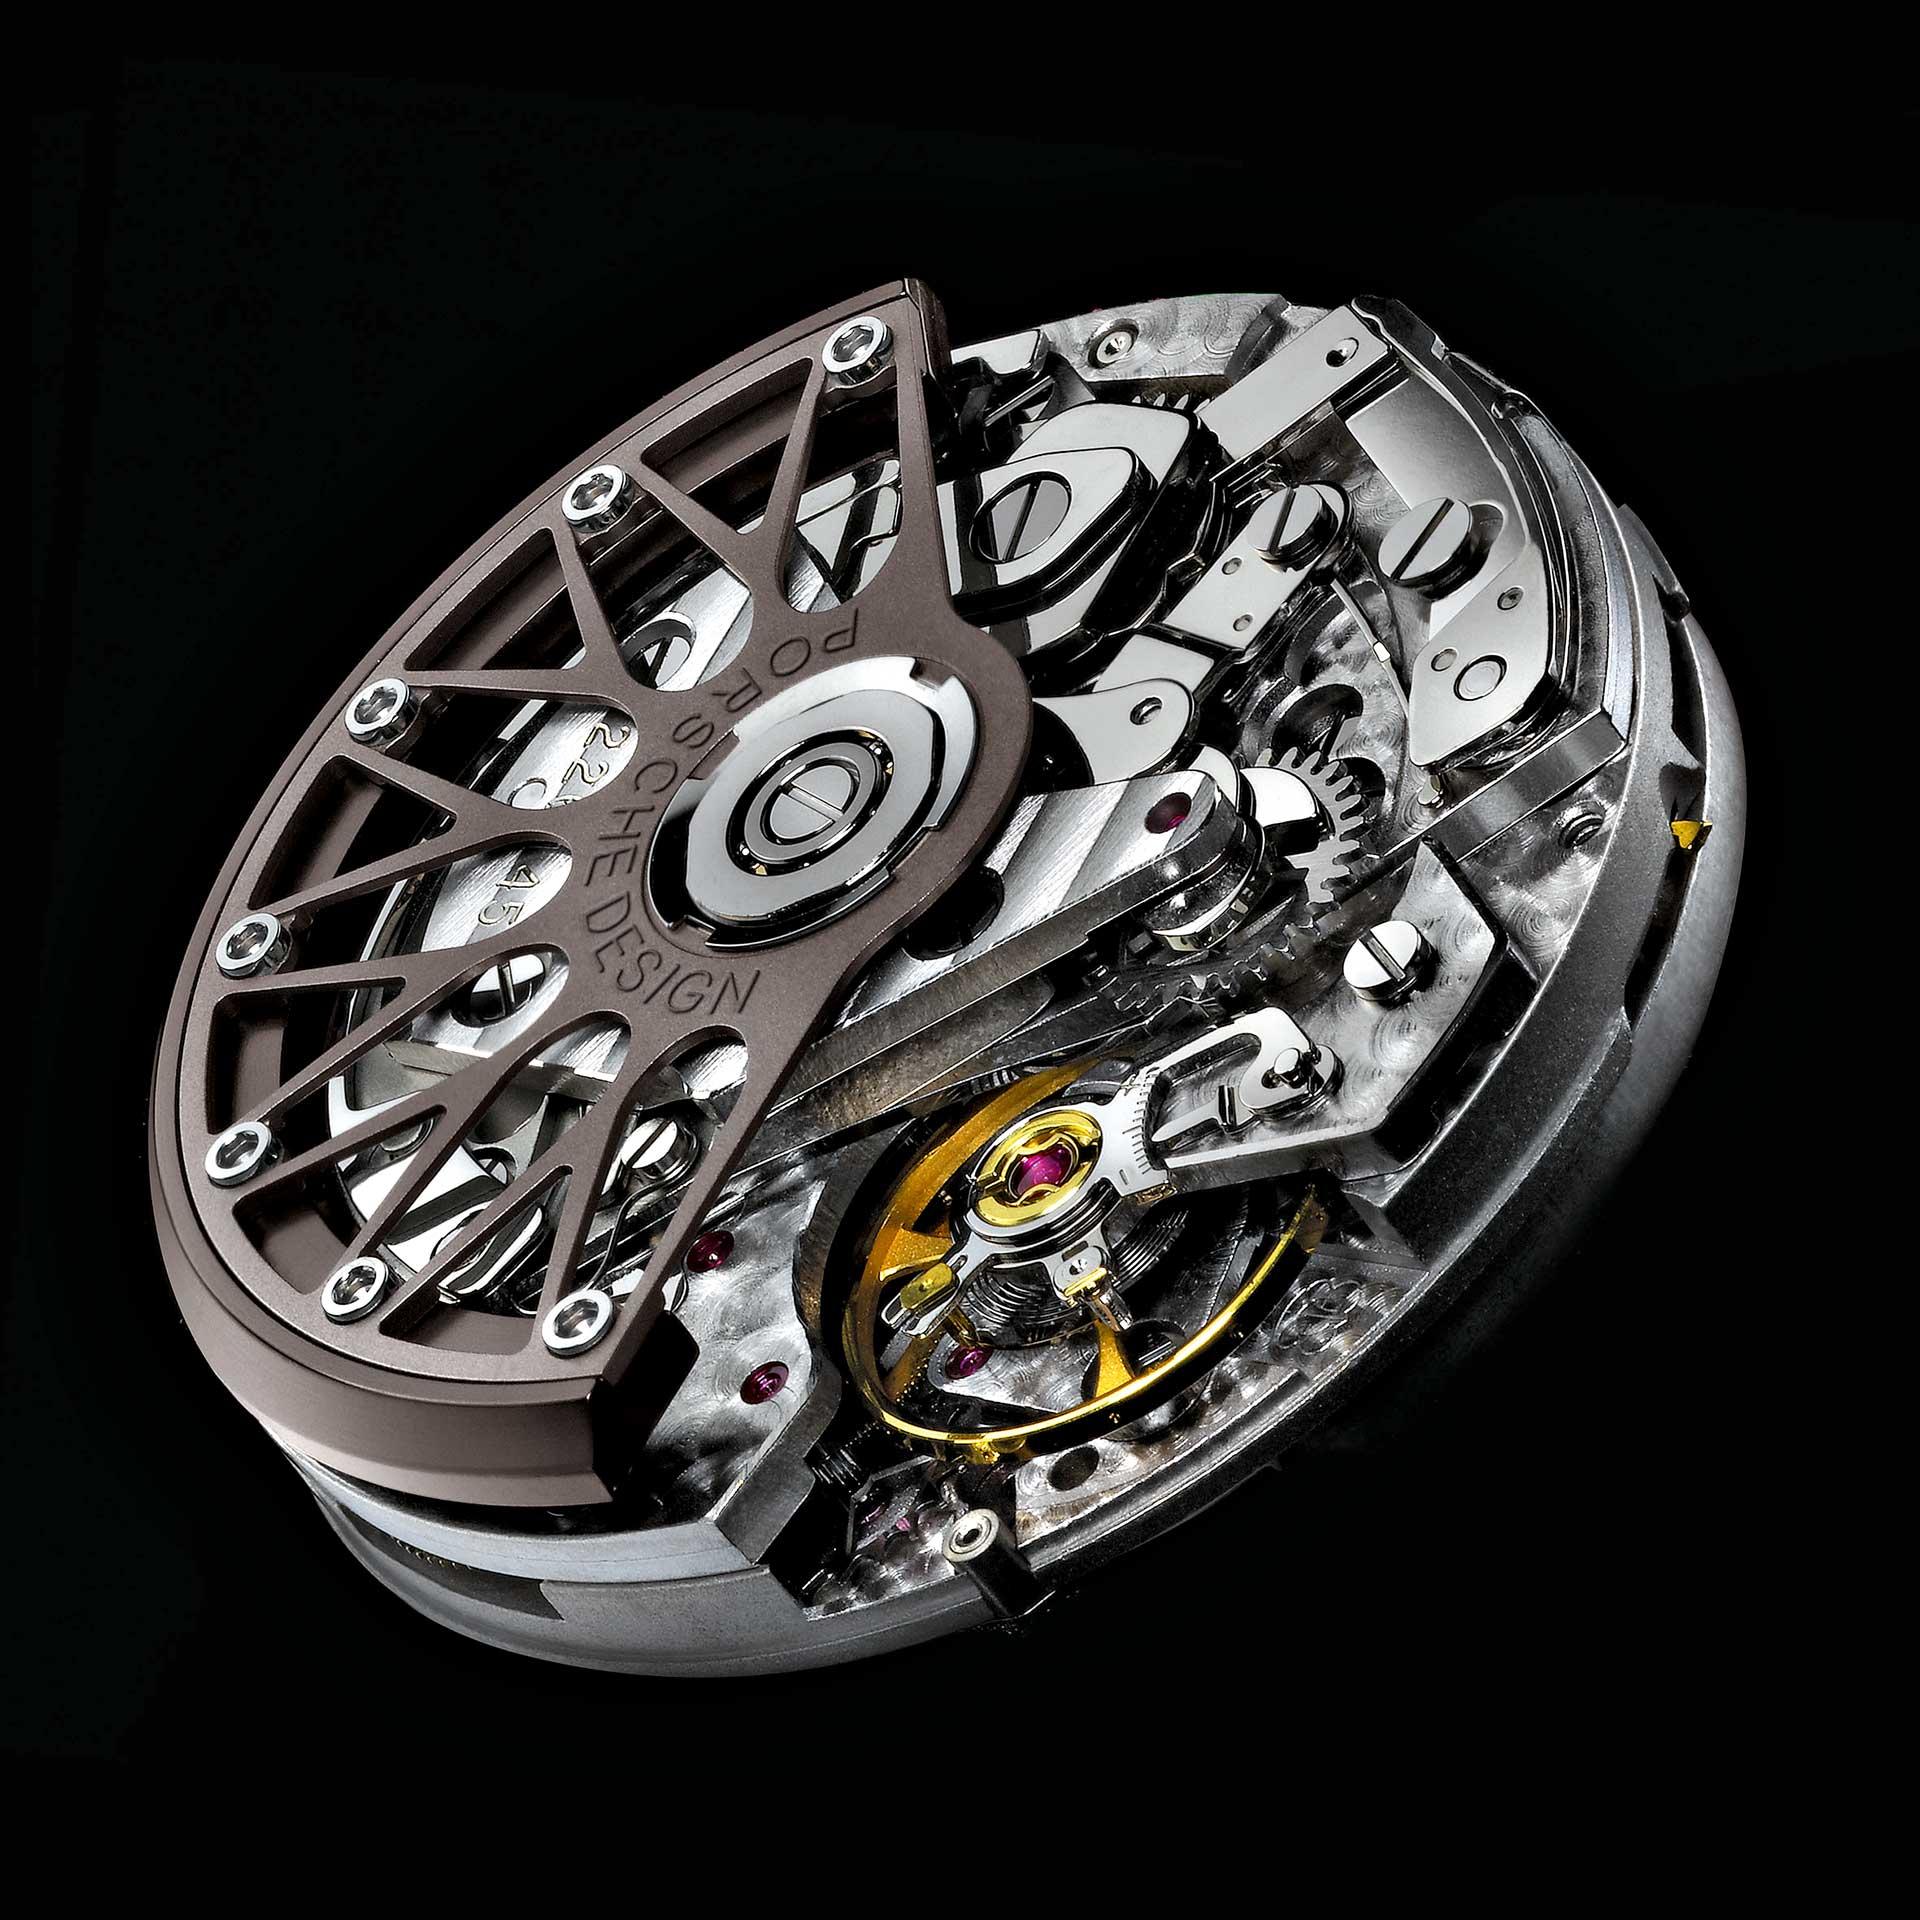 Porsche Design betont mit dem Rotor den Aspekt des Motorsports: Die Gestaltung der Rotorwangen erinnert an Sportwagenfelgen.